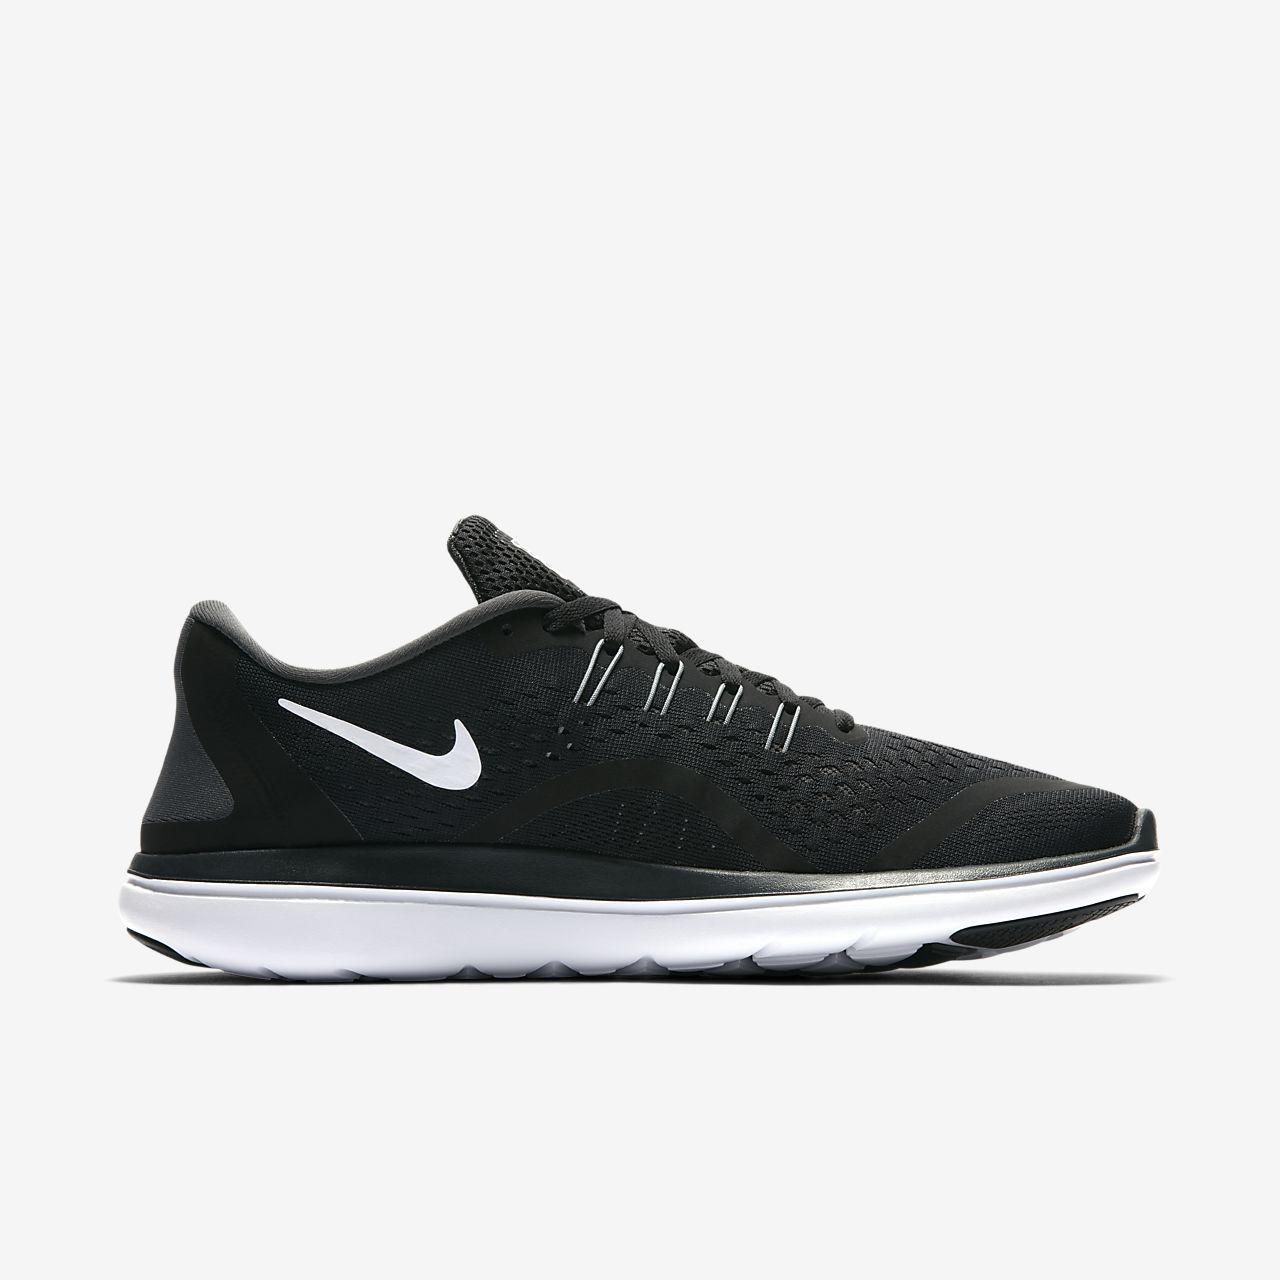 Calzature & Accessori 47 neri per uomo Nike Flex